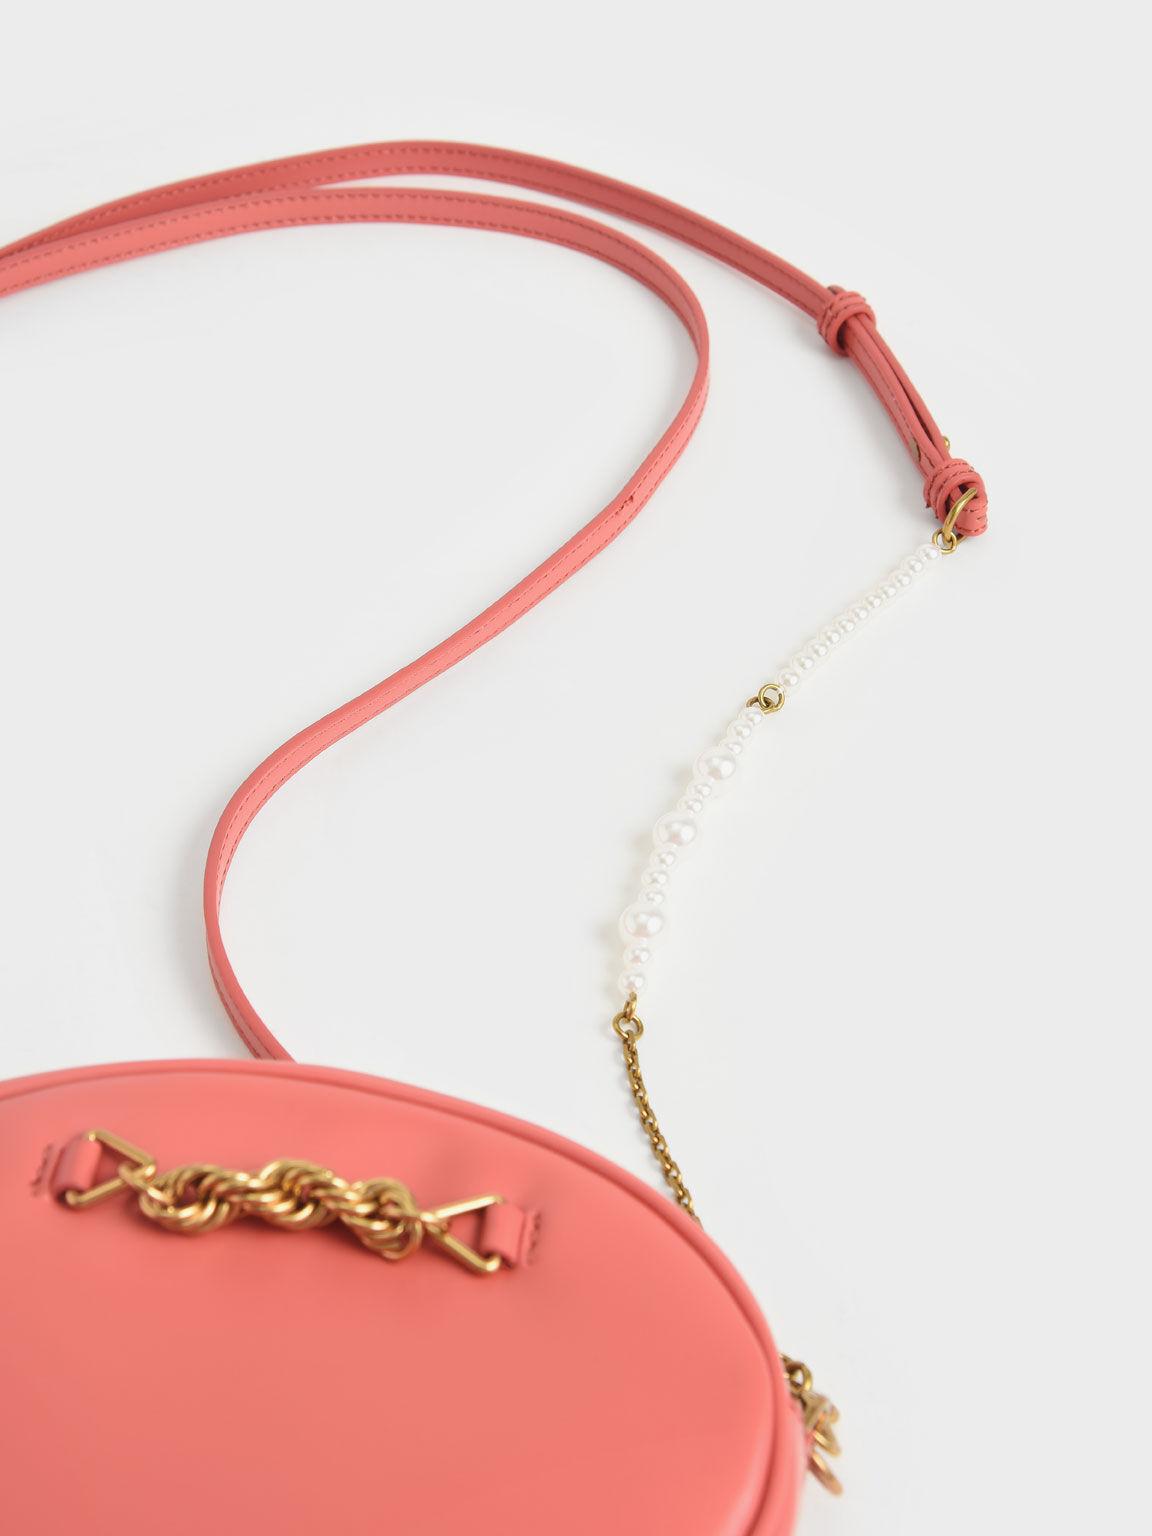 金屬鍊橢圓斜背包, 珊瑚色, hi-res